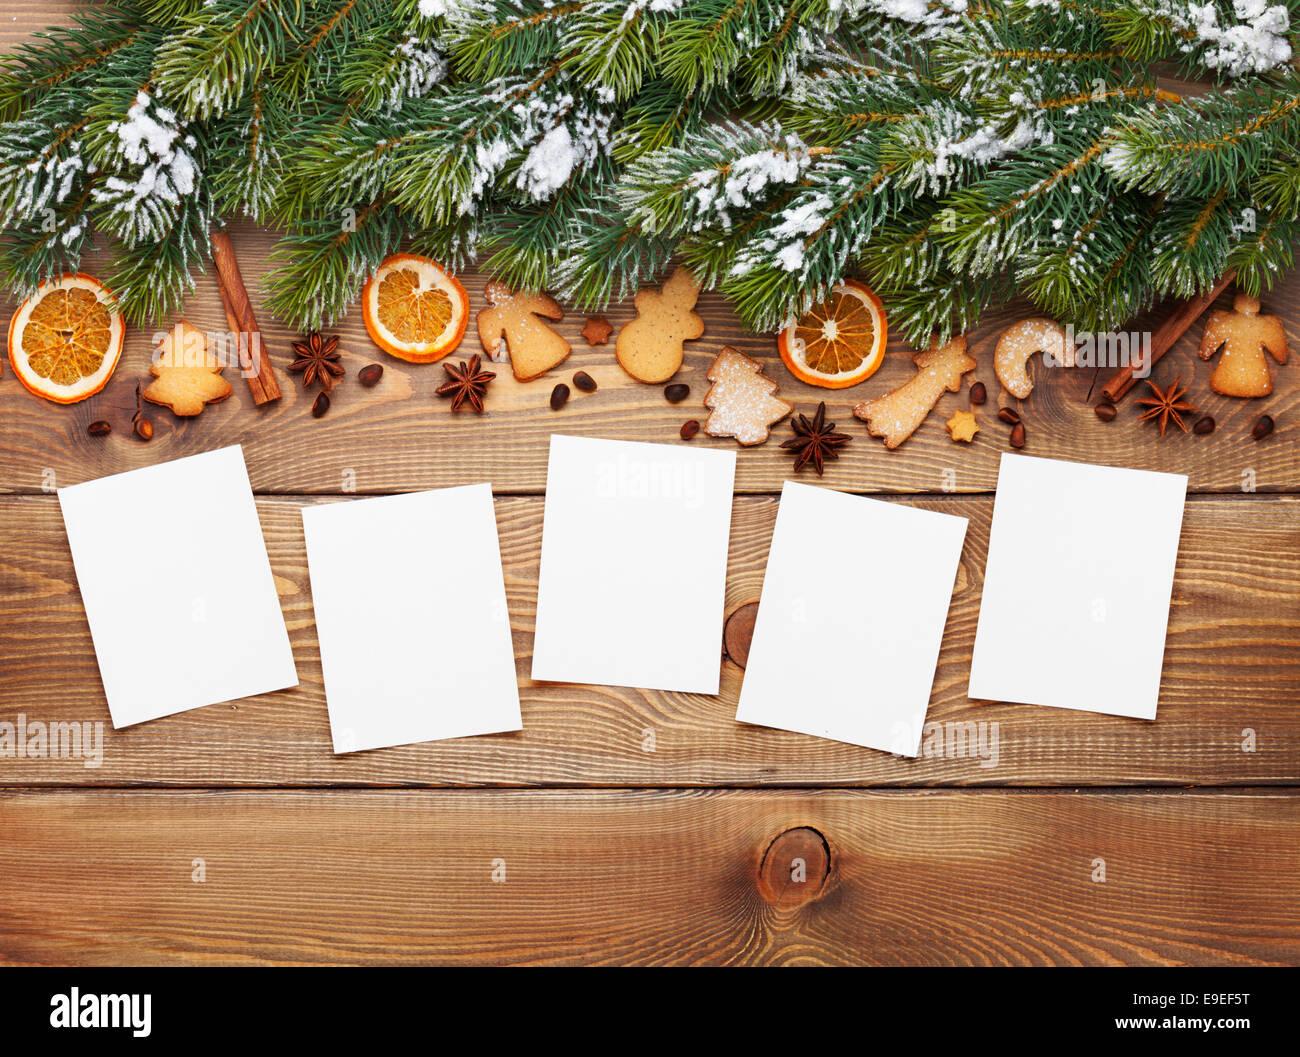 Weihnachten aus Holz Hintergrund mit Bilderrahmen, Schnee Tanne ...